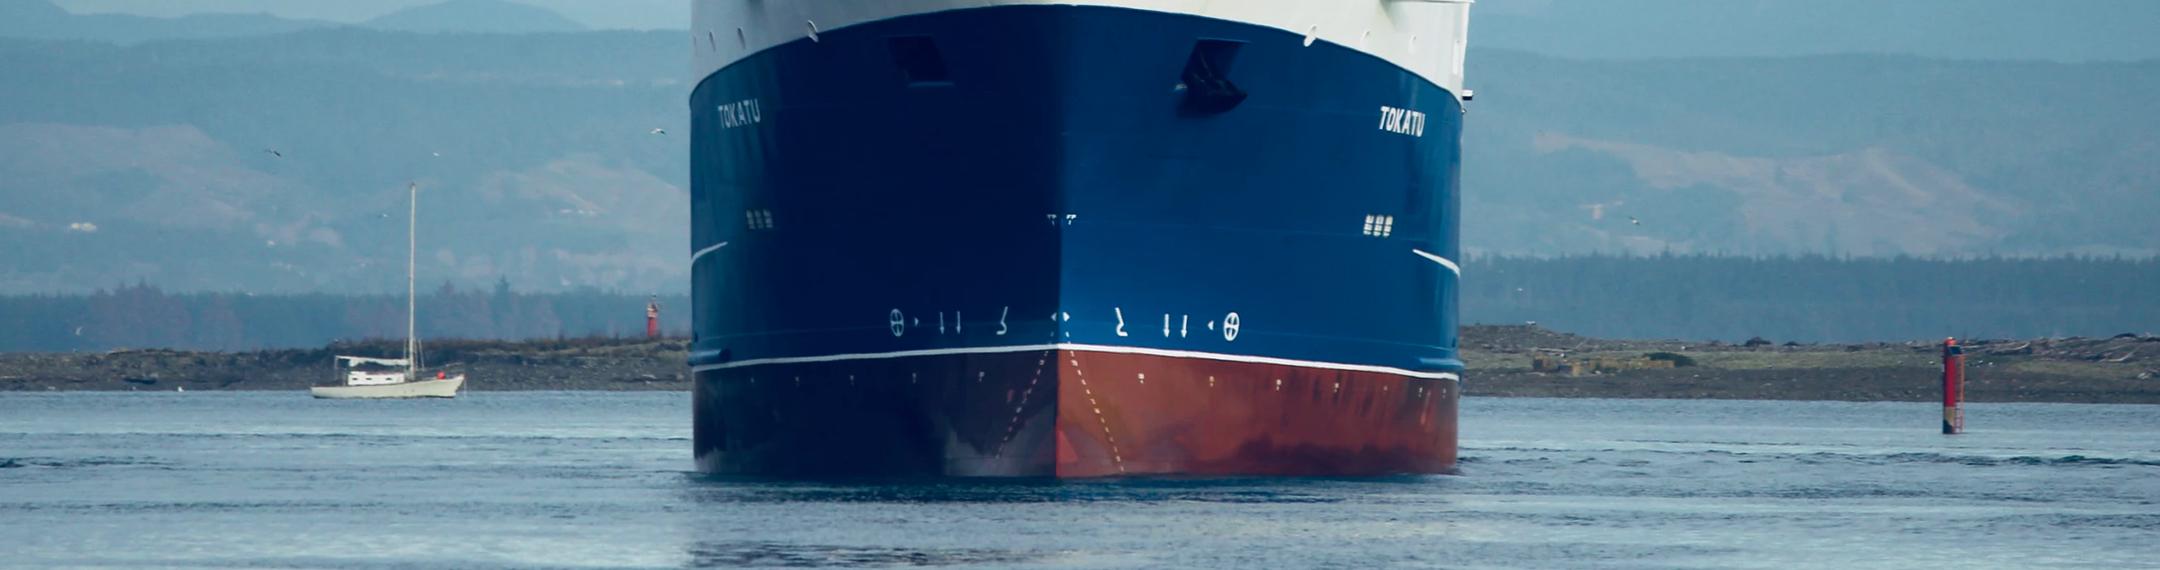 uw advocaat voor transport, haven en handel